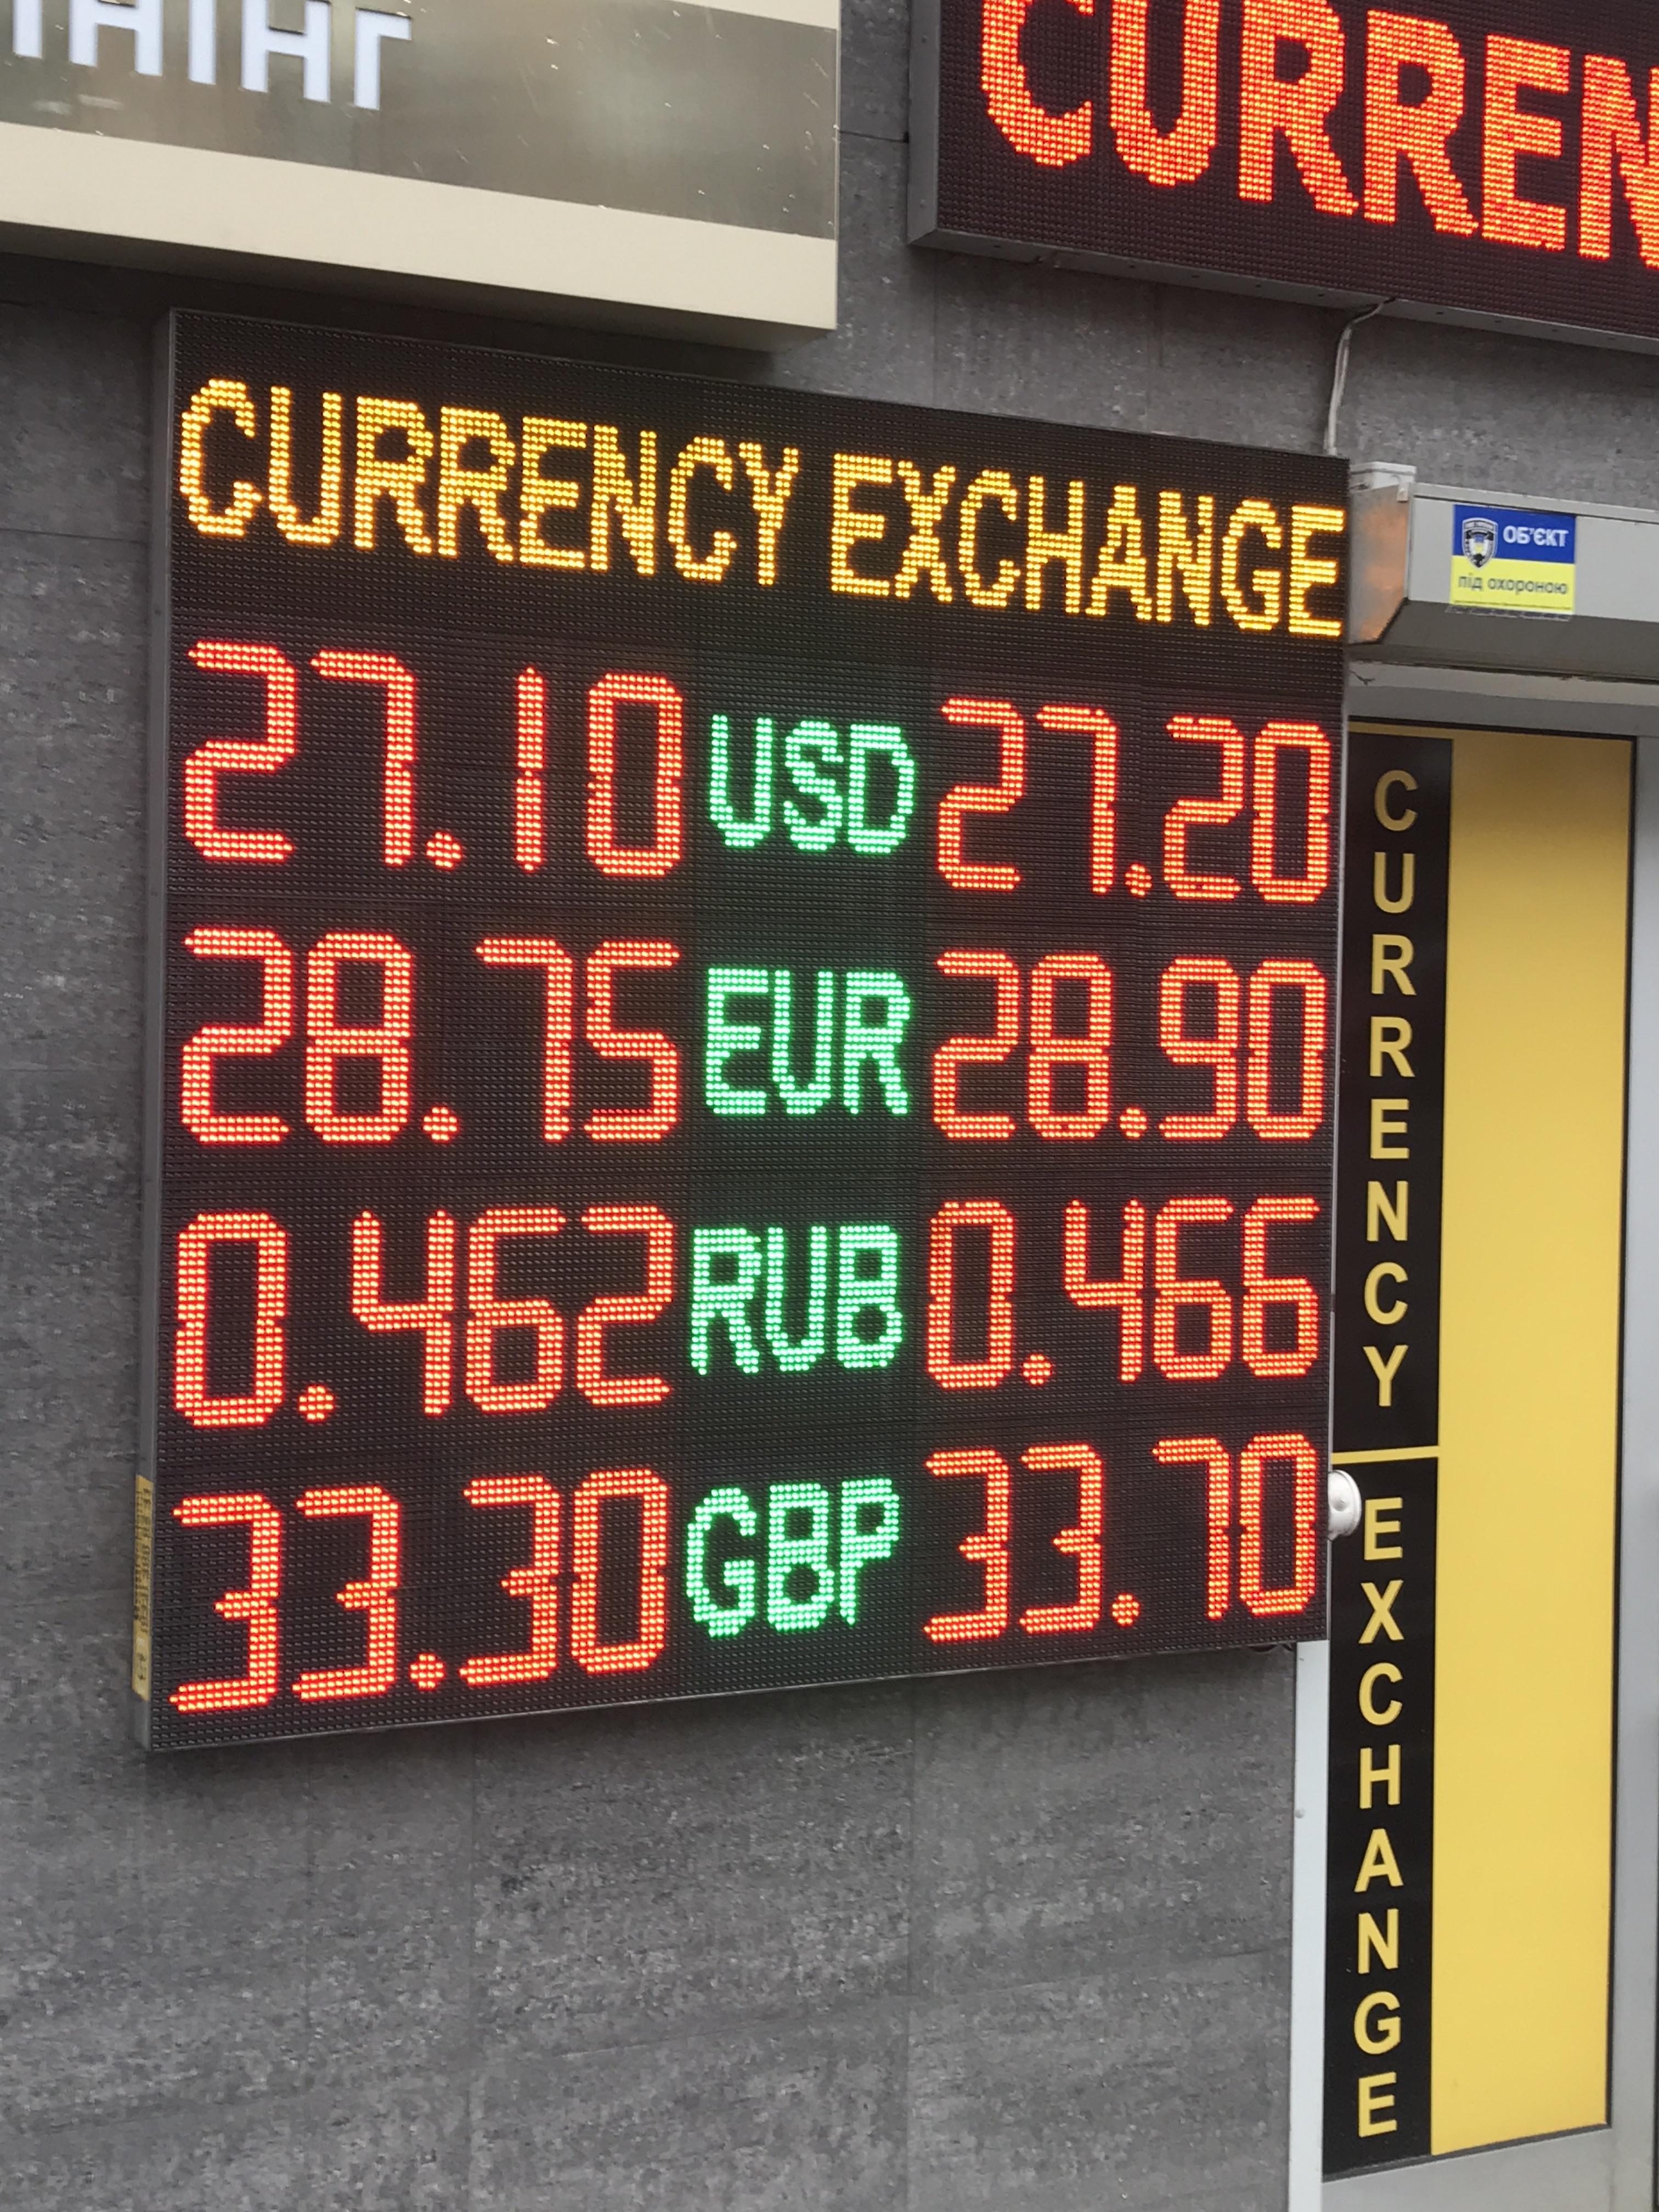 картинки электронные валюты в казахстане лучший обмен валют светлых волосах